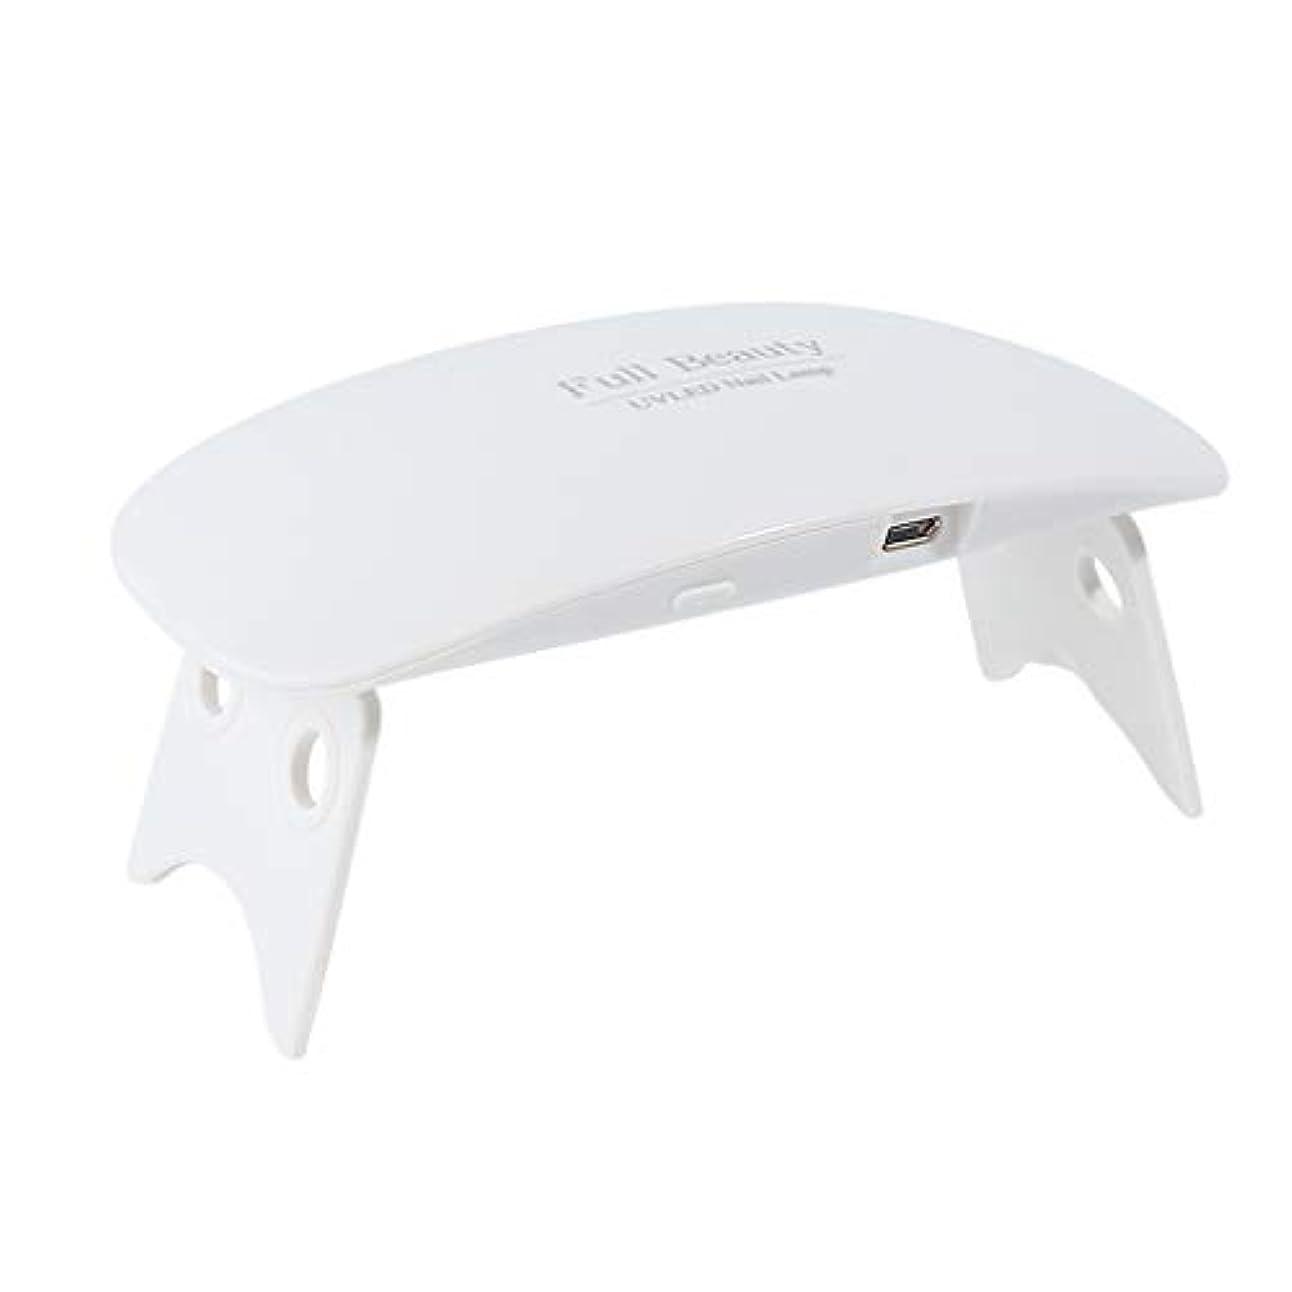 実行可能リンス結婚YHSUNN 9Wポータブルミニマウスシェイプ光線療法ランプネイルドライヤーポリッシュゲル硬化USB 6 LEDライトタイマー折りたたみマニキュアツール